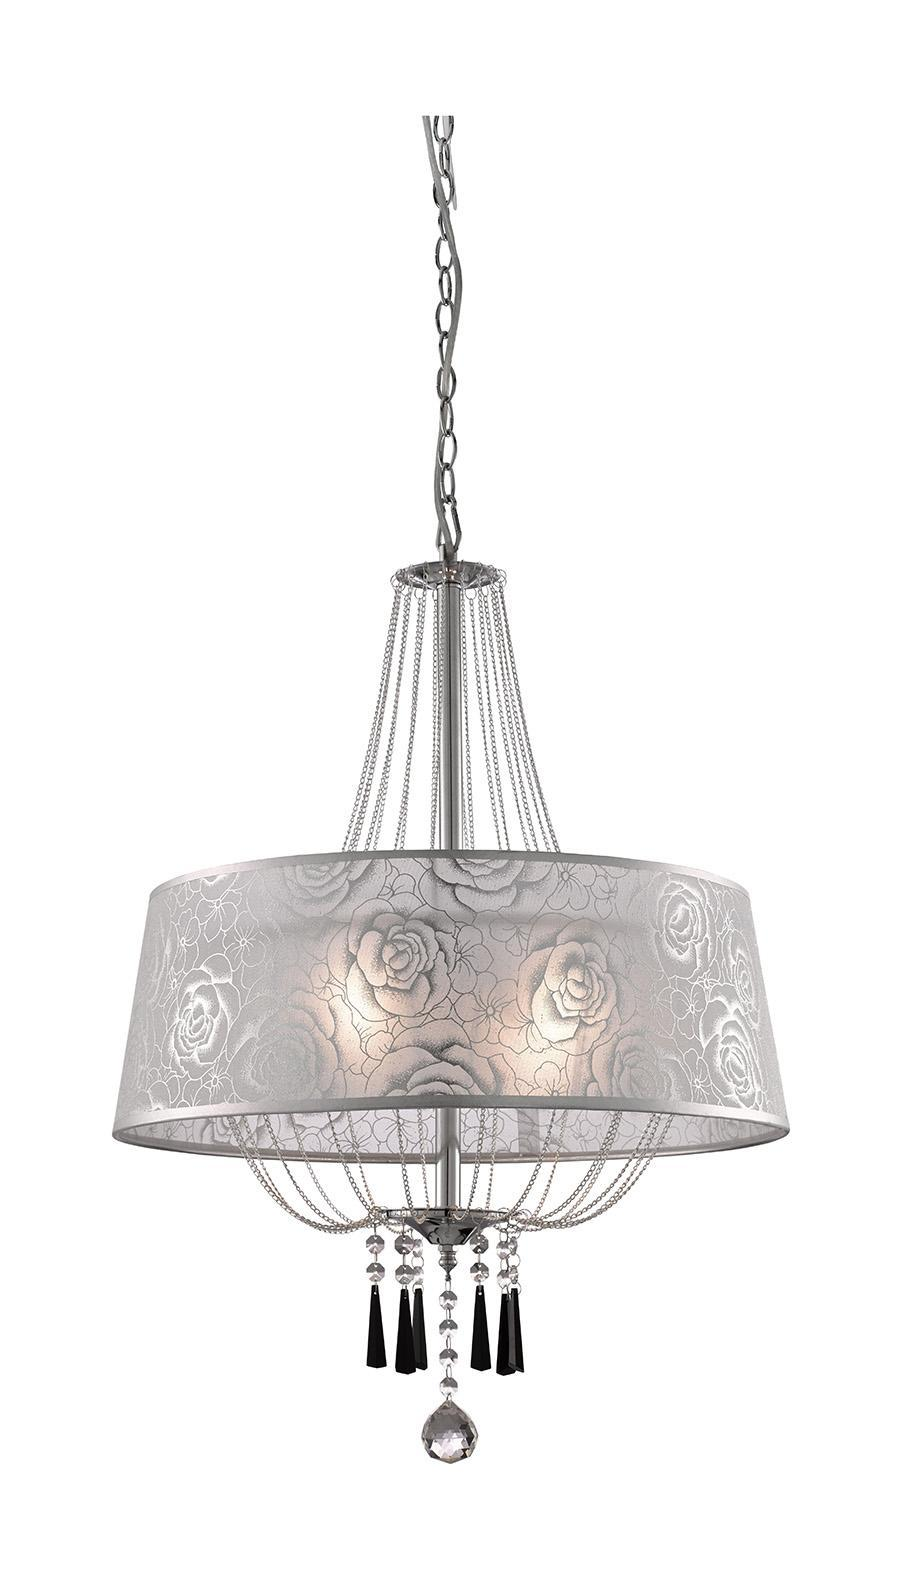 Люстра Arte lampЛюстры<br>Назначение светильника: для гостиной,<br>Стиль светильника: модерн,<br>Тип: подвесная,<br>Материал светильника: металл, ткань,<br>Материал плафона: ткань,<br>Материал арматуры: металл,<br>Диаметр: 500,<br>Высота: 670,<br>Количество ламп: 5,<br>Тип лампы: накаливания,<br>Мощность: 200,<br>Патрон: Е14,<br>Цвет арматуры: серебро<br>